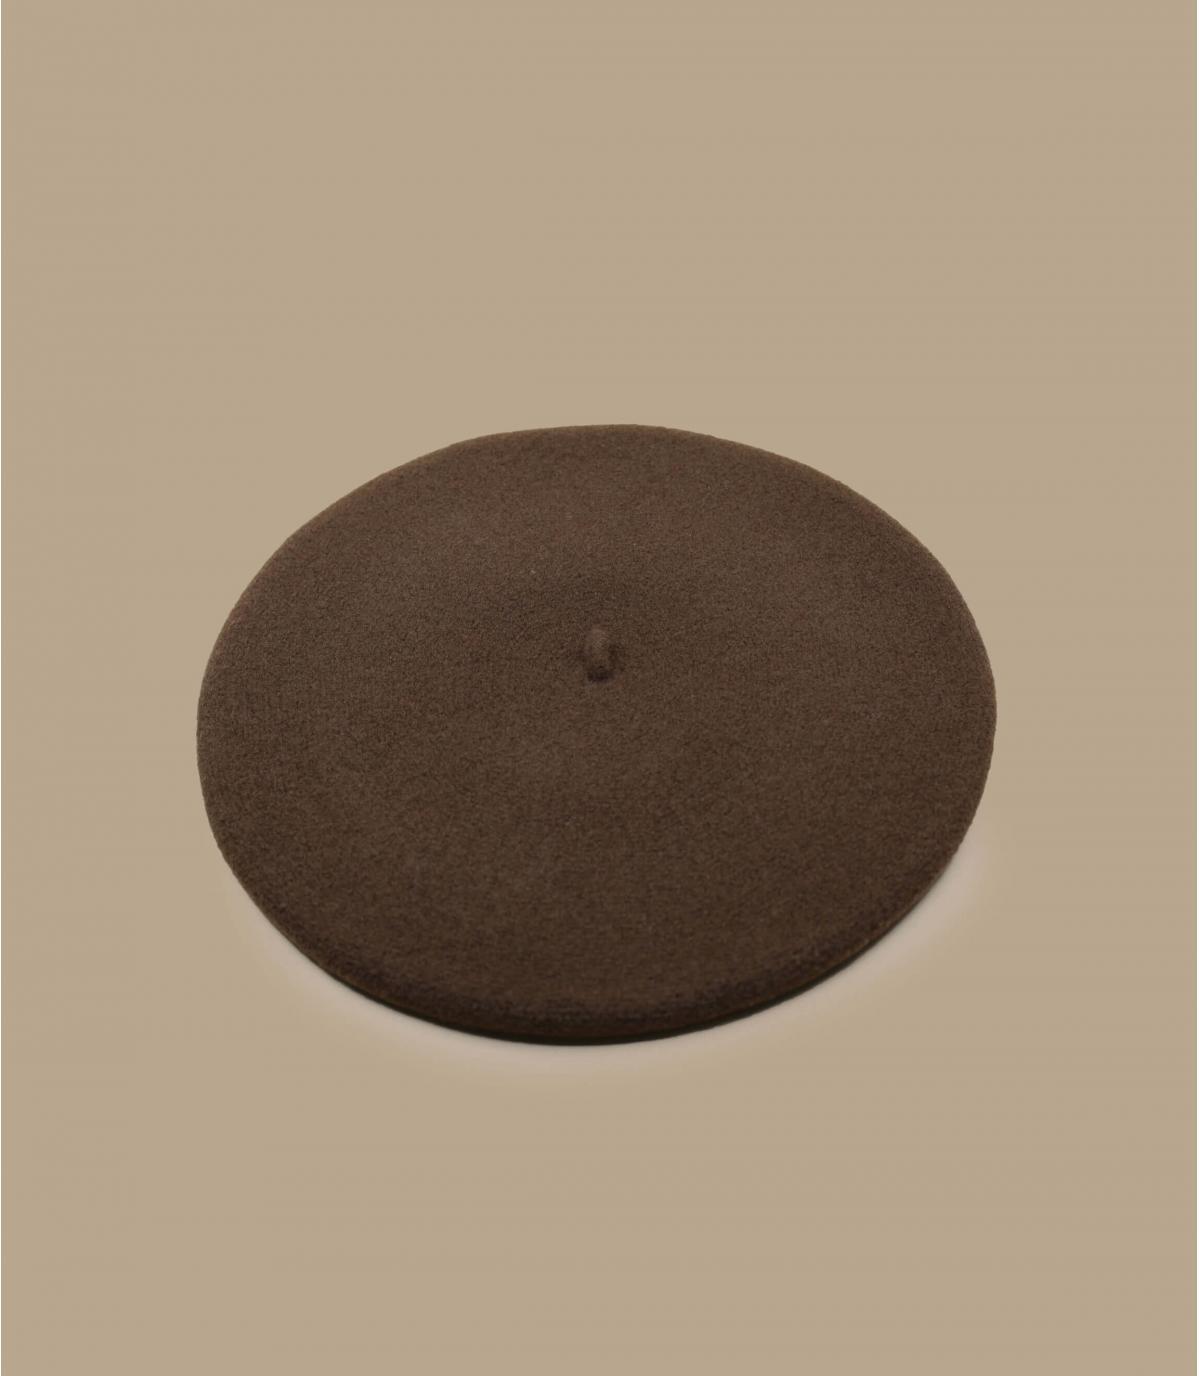 Details Paris cacao - Abbildung 2